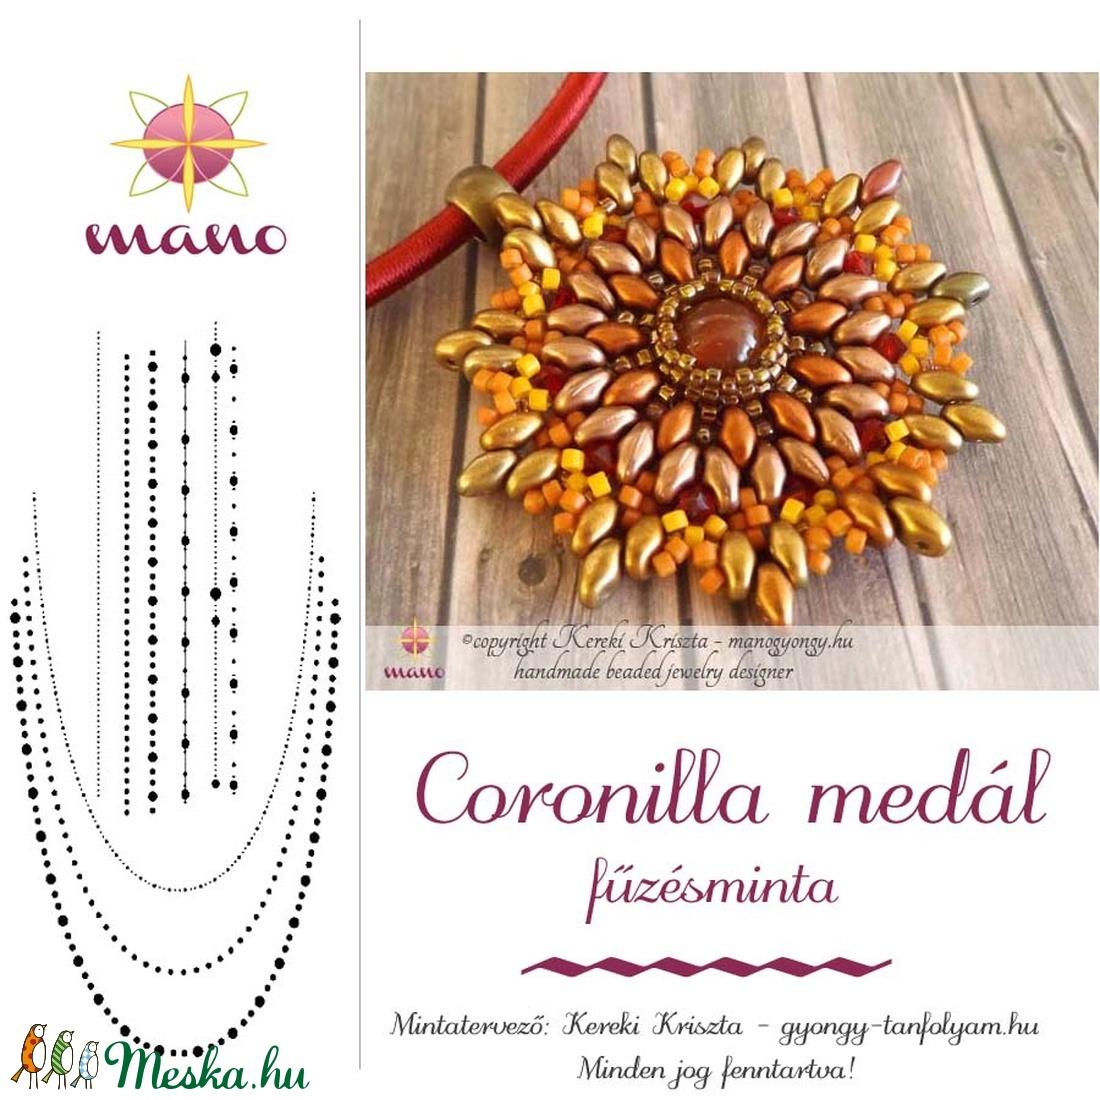 Coronilla medál fűzésminta (KKriszta) - Meska.hu